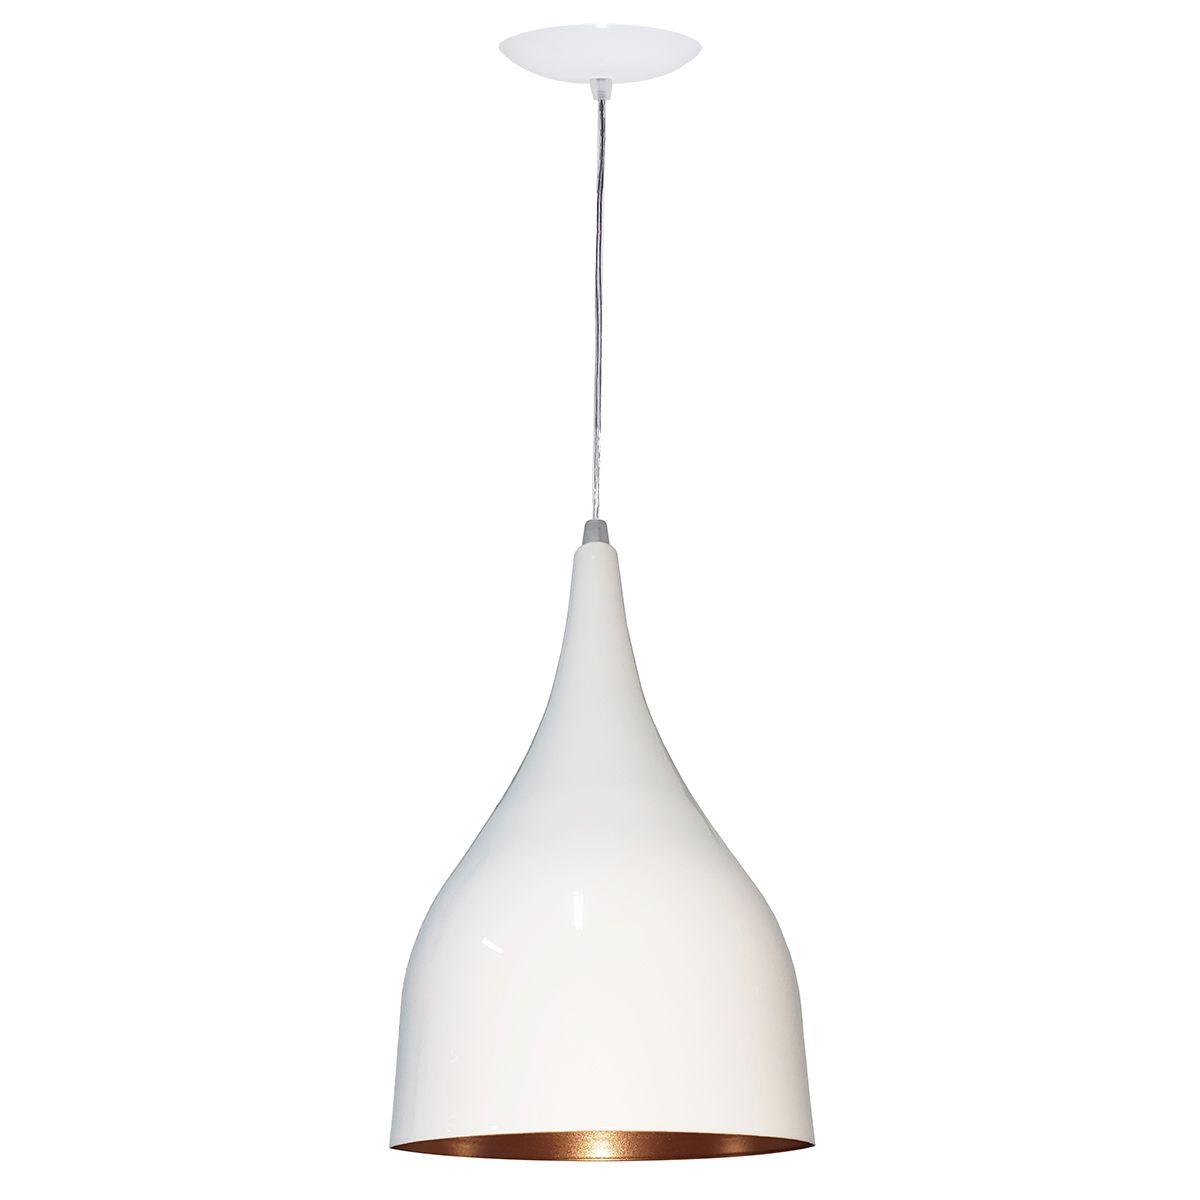 Luminária Decorativa Gota Branco/Cobre com Pendente